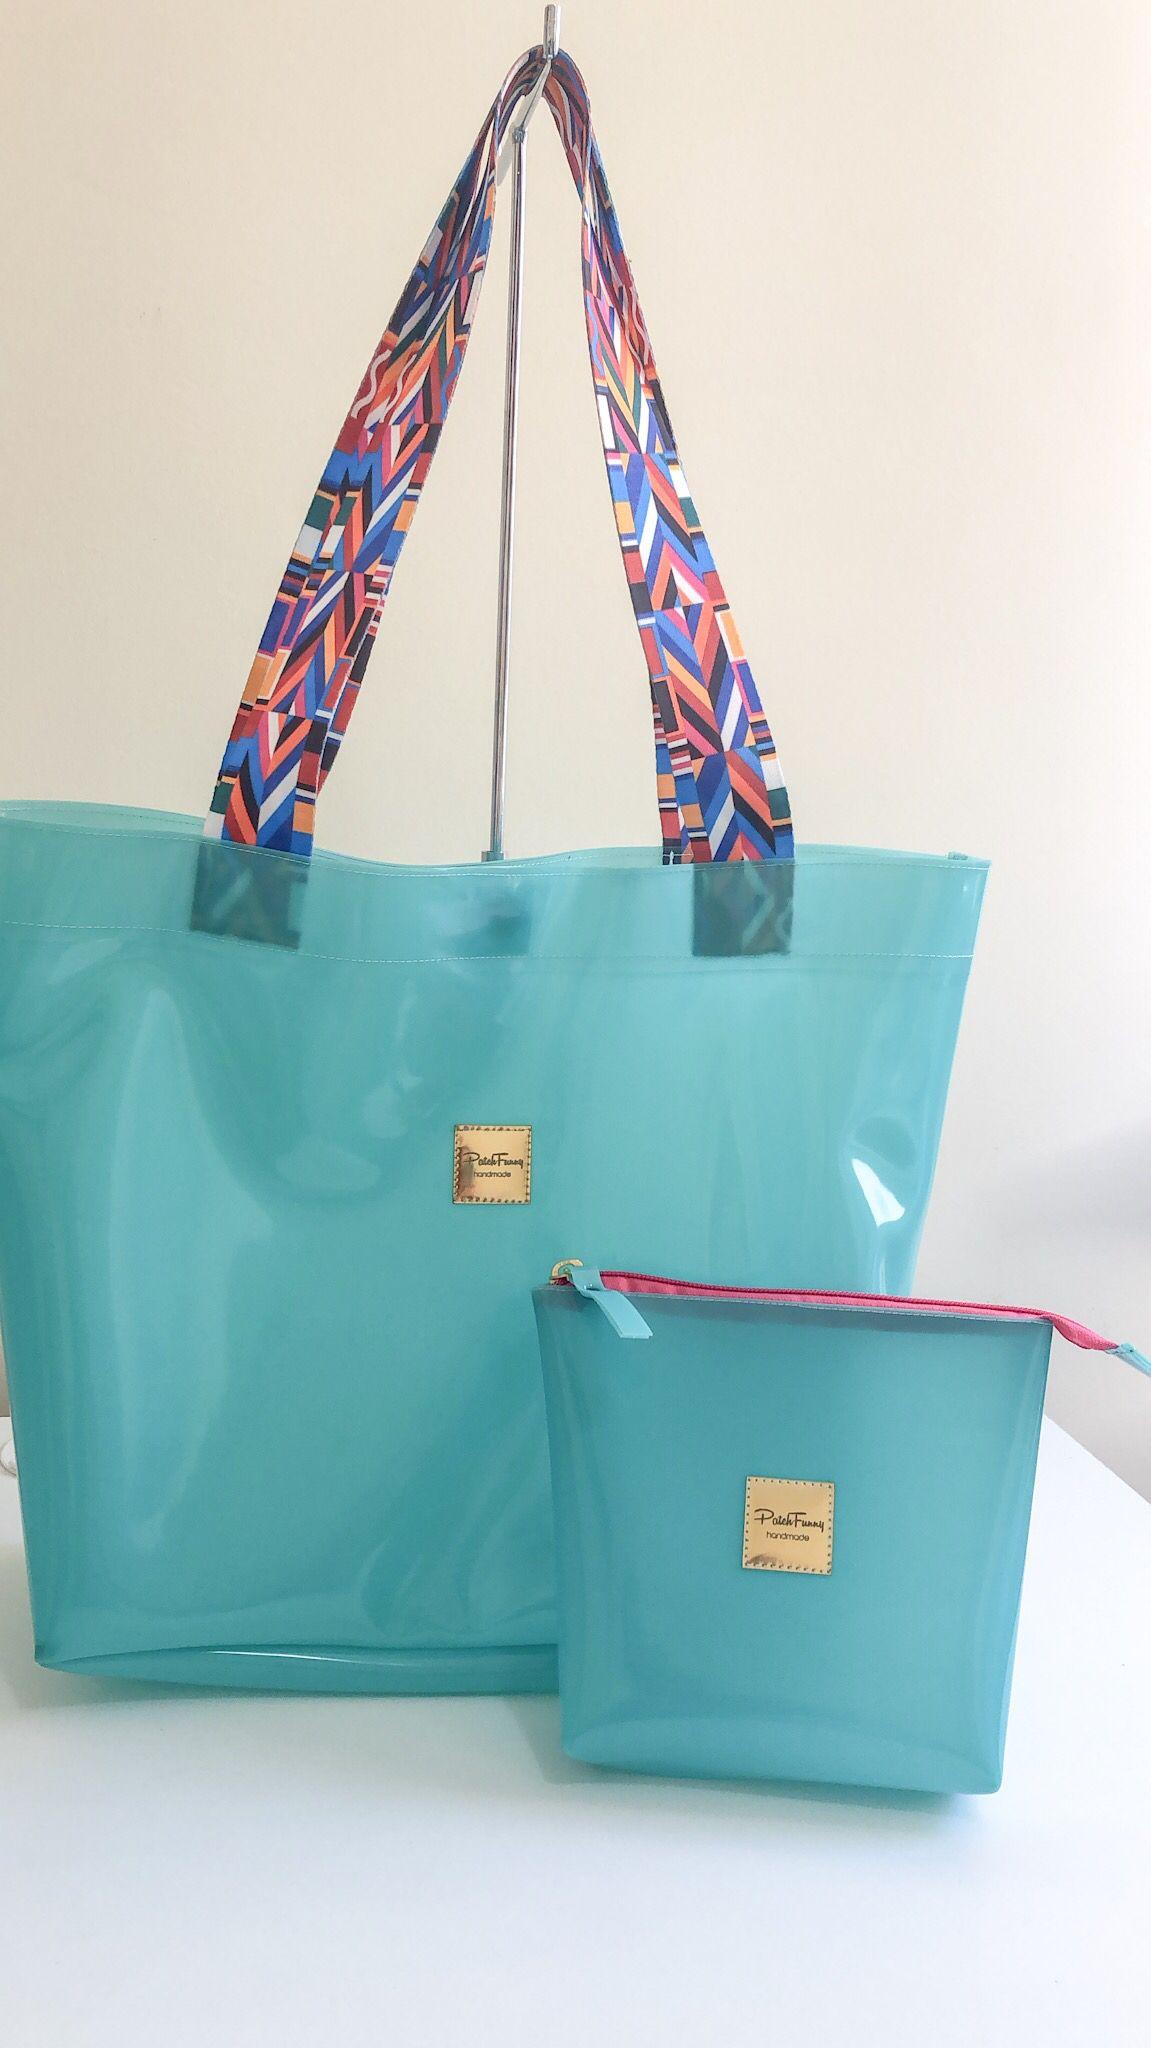 2efdf92f222f4 Tem bolsa mais linda e charmosa do que essa  Bolsa em silicone, super fácil